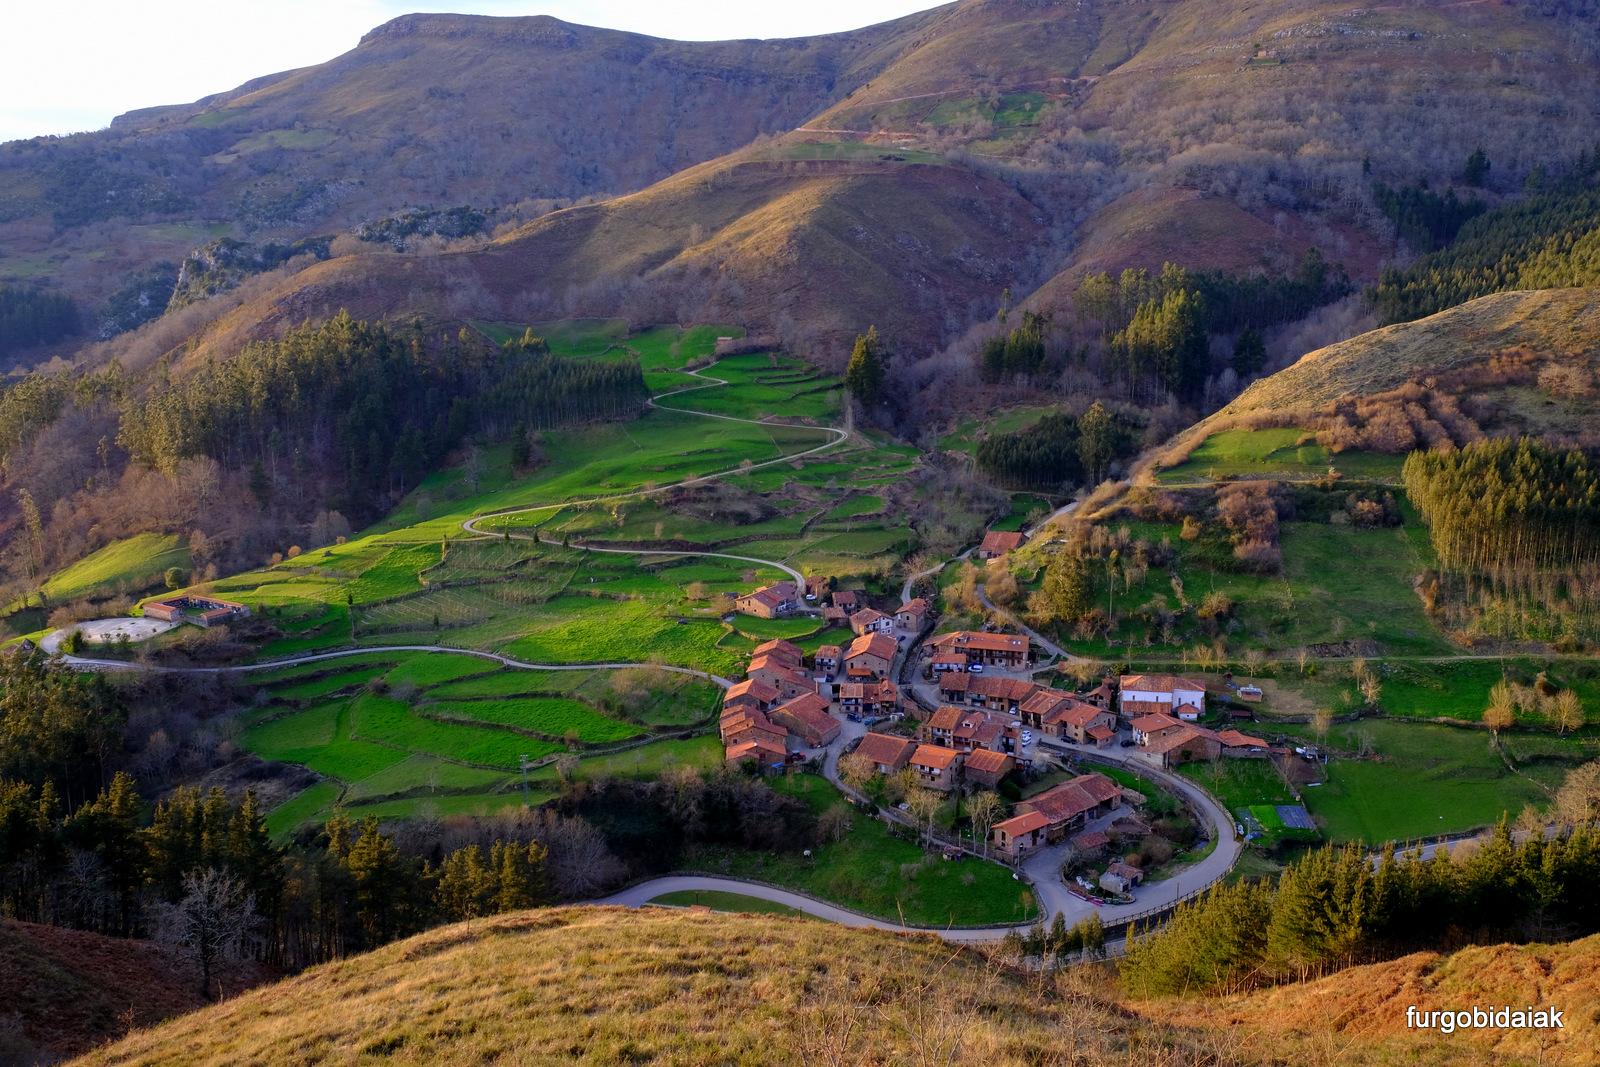 mirador Asomada del Ribero,Saja-Nansa, Cantabria